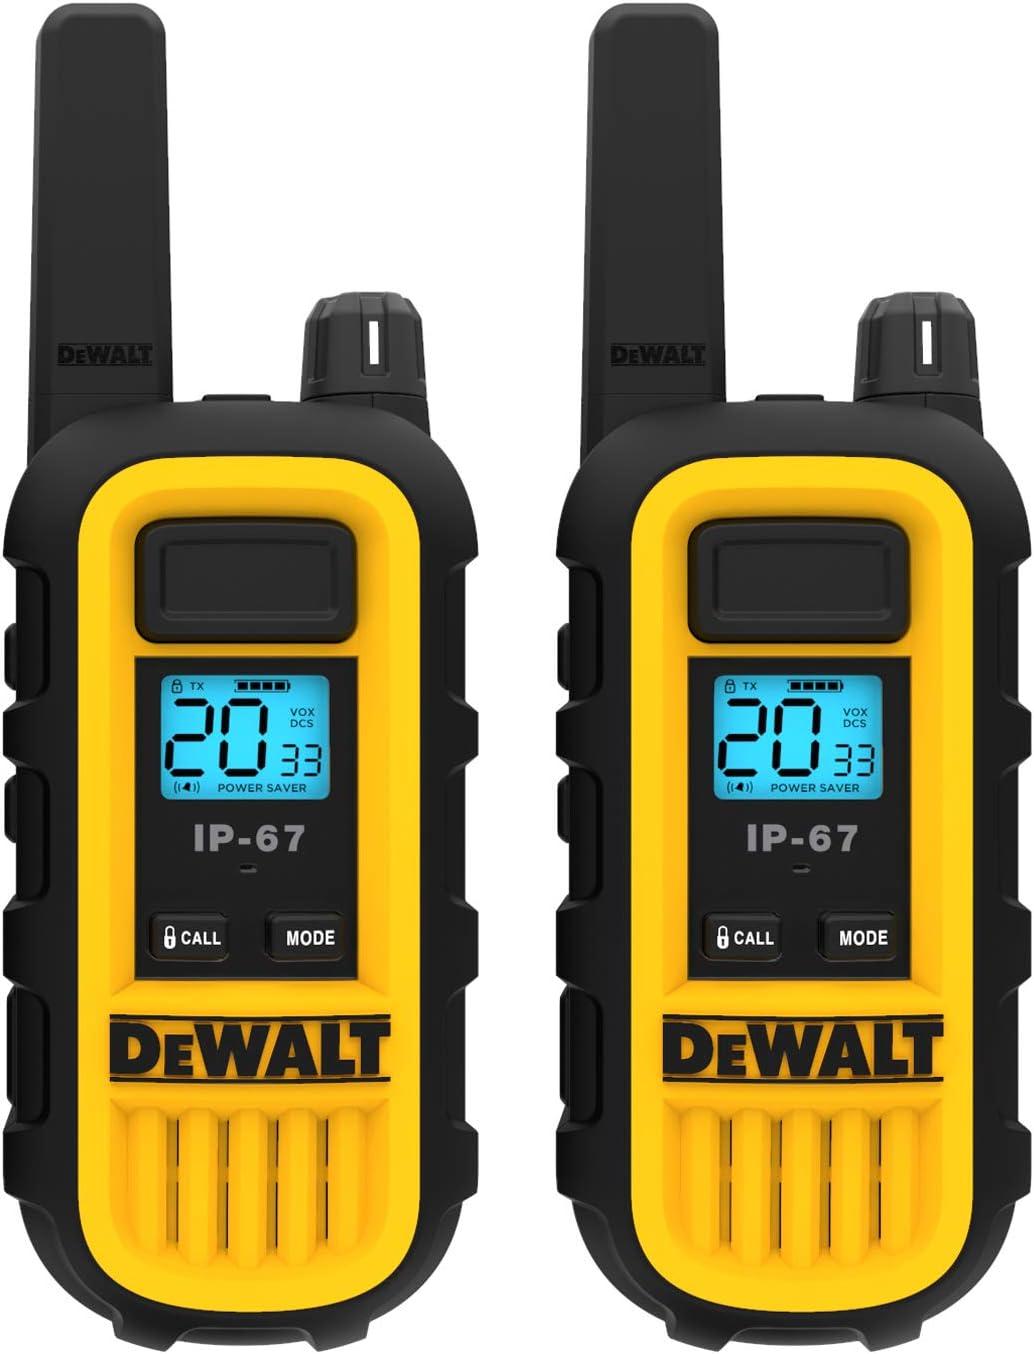 DEWALT DXFRS300 Selling and selling 1 Watt Heavy Duty famous Waterproof Talkies S - Walkie